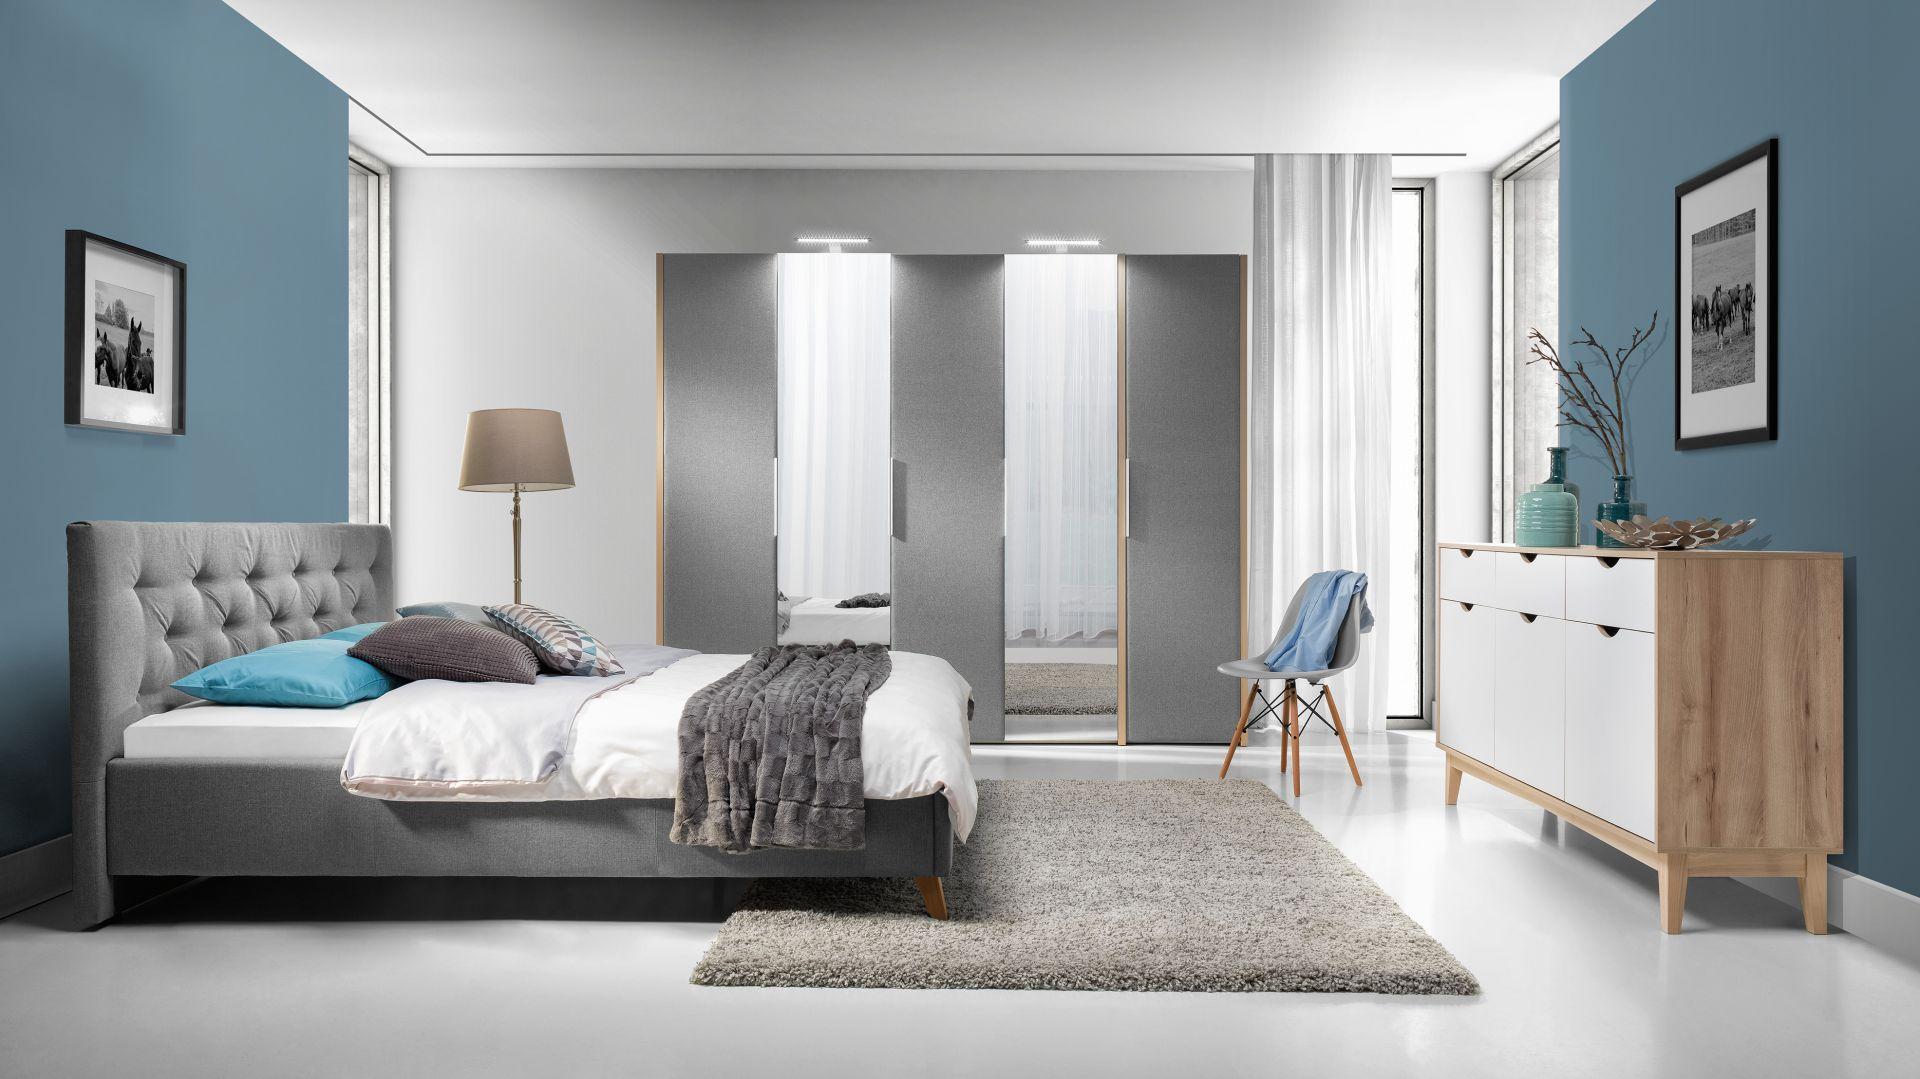 Szafa Solle i łóżko Glame.  Fot. Wajnert Meble